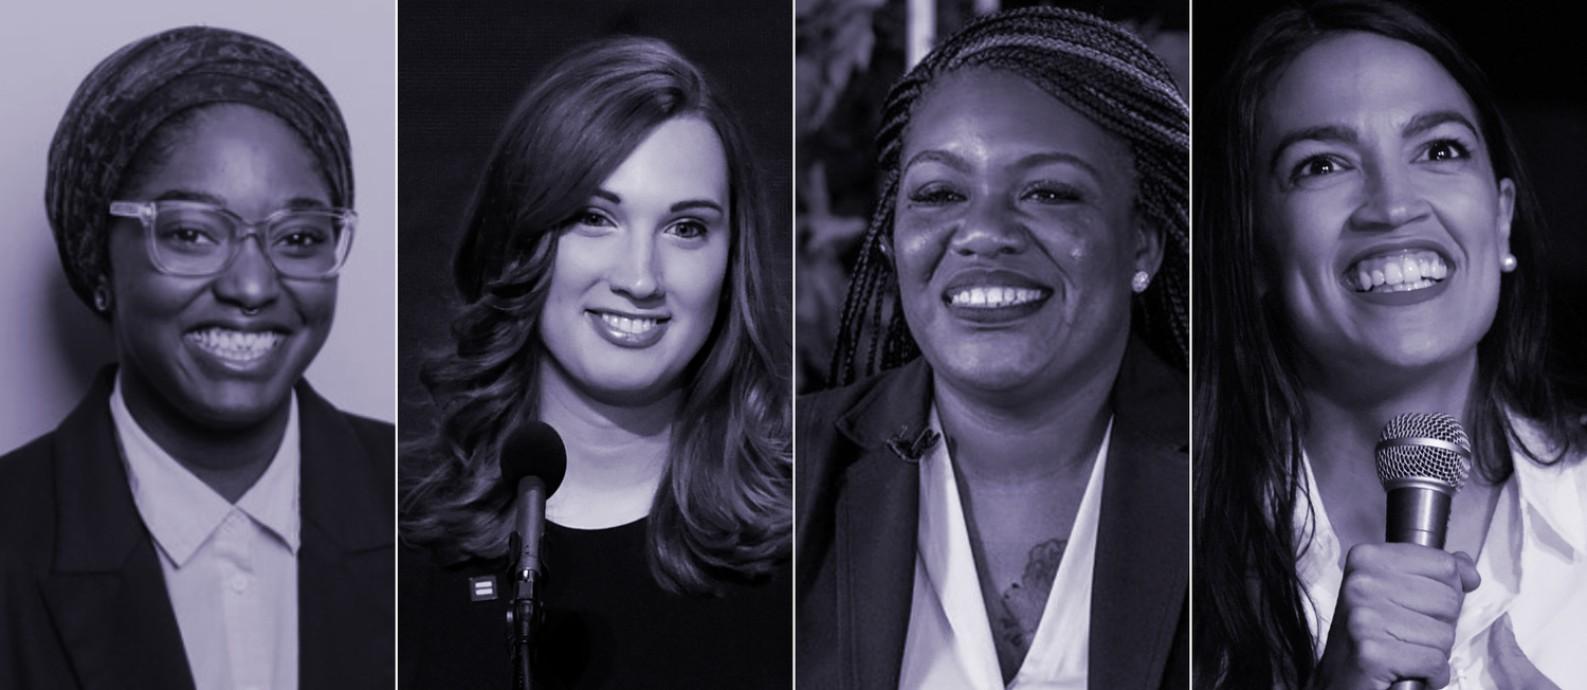 As novatas Mauree Turner, Sarah McBride, Cori Bush e a reeleita Alexandria Ocasio-Cortez vão representar as minorias nas casas legislativas dos EUA Foto: Reprodução